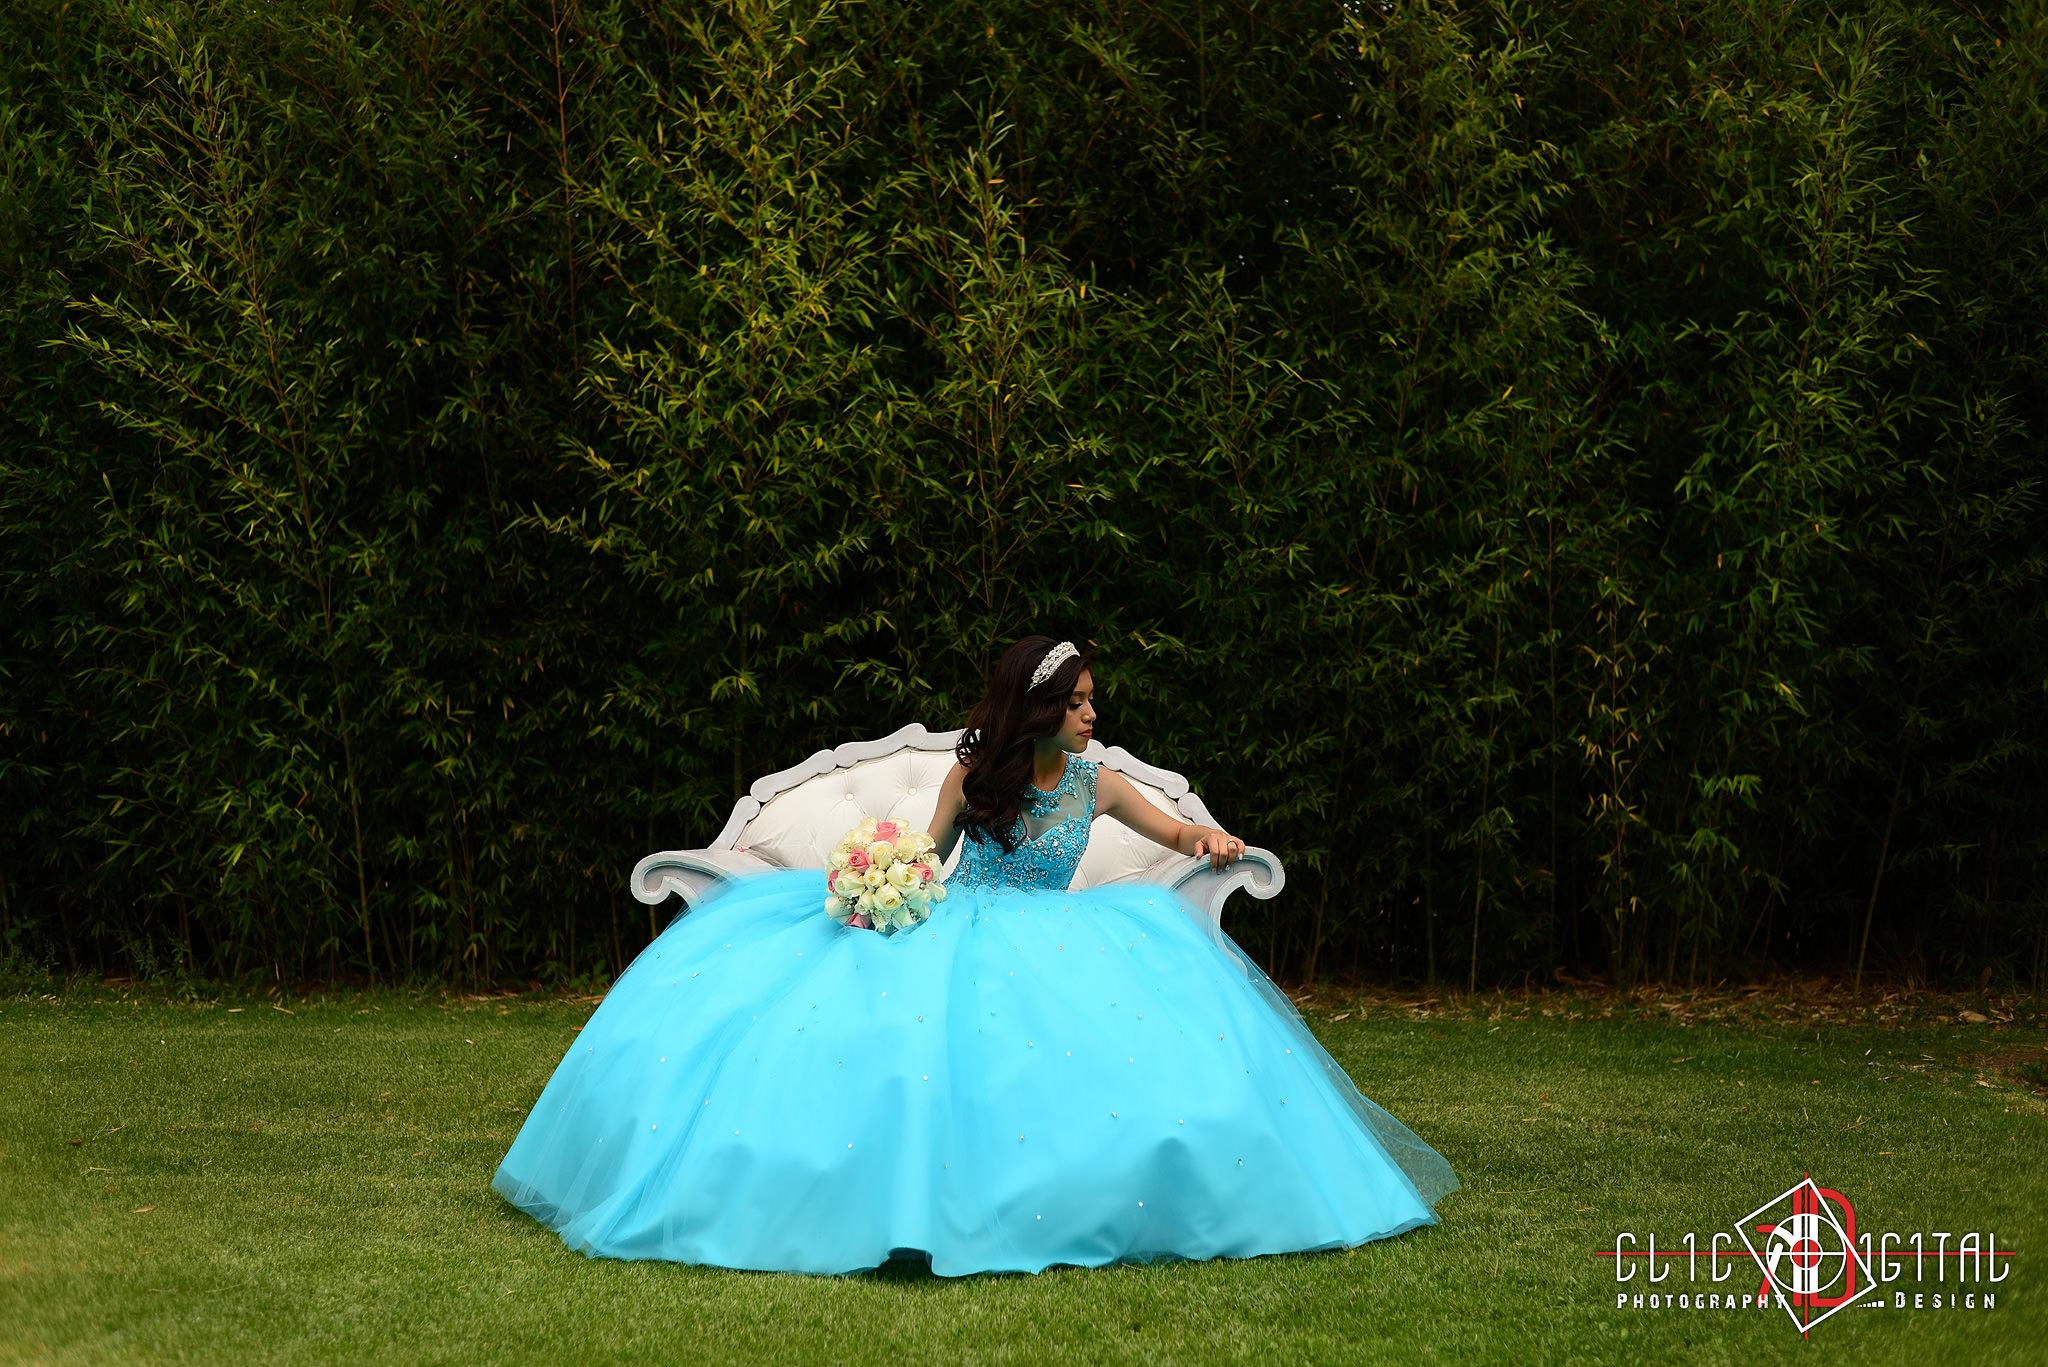 mejores-fotografos-en-puebla-063